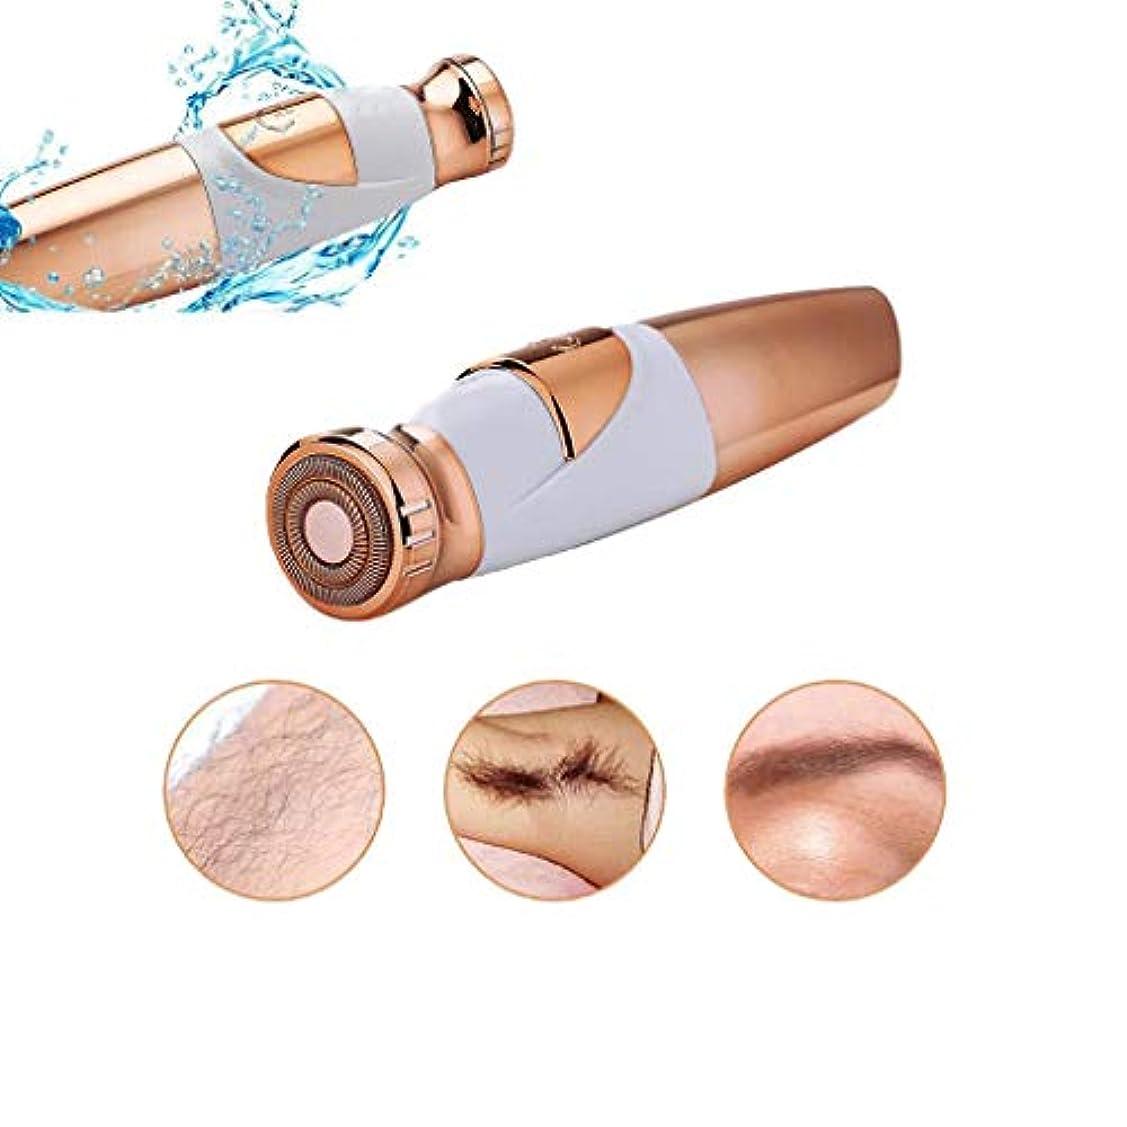 脱毛器脱毛用女性の脱毛器具眉毛、脇の下、脚の毛髪などに適しています。,Gold